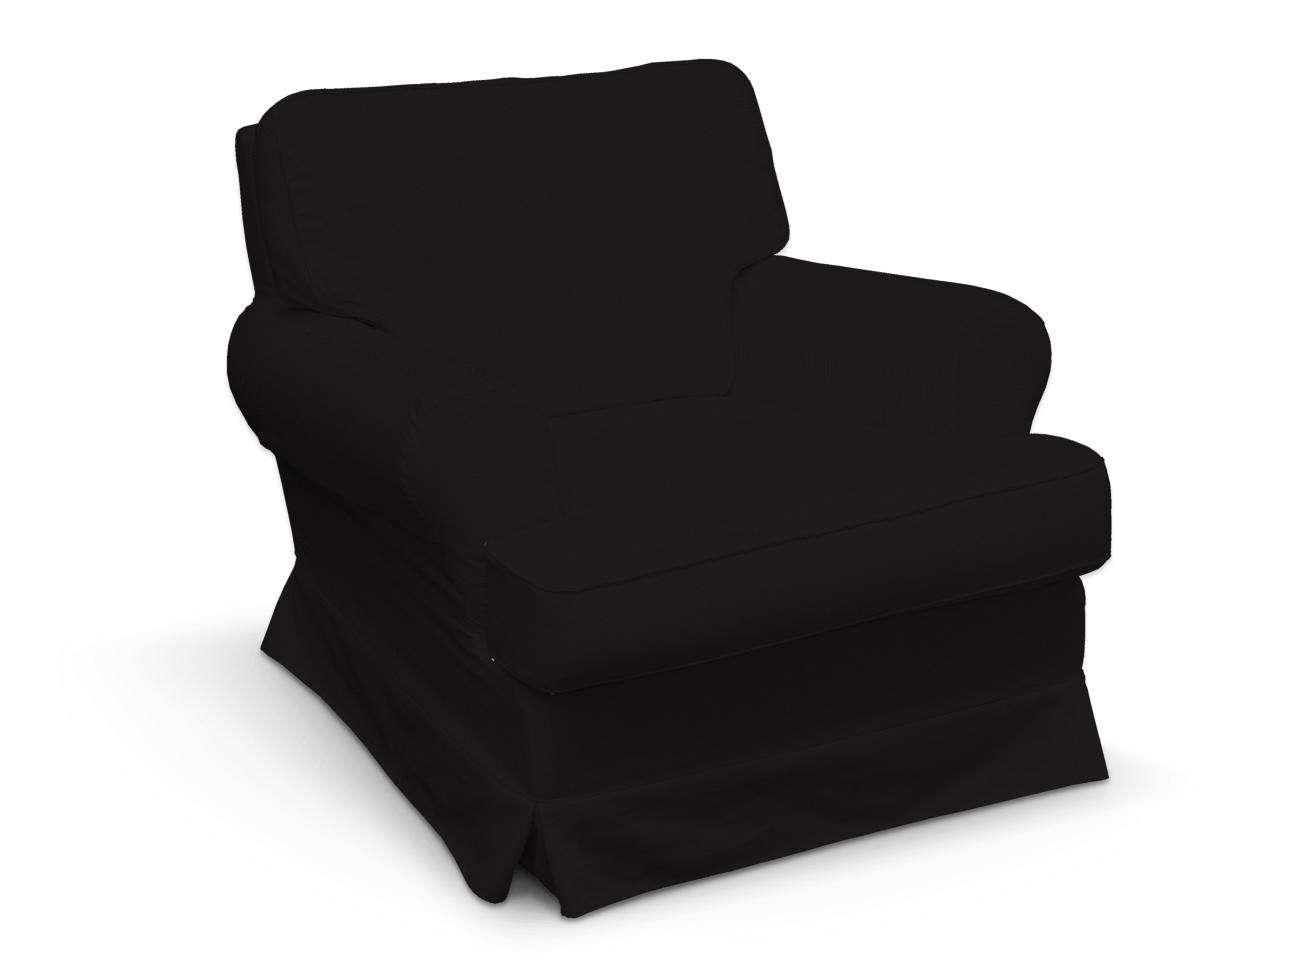 Pokrowiec na fotel Barkaby fotel Barkaby w kolekcji Cotton Panama, tkanina: 702-09